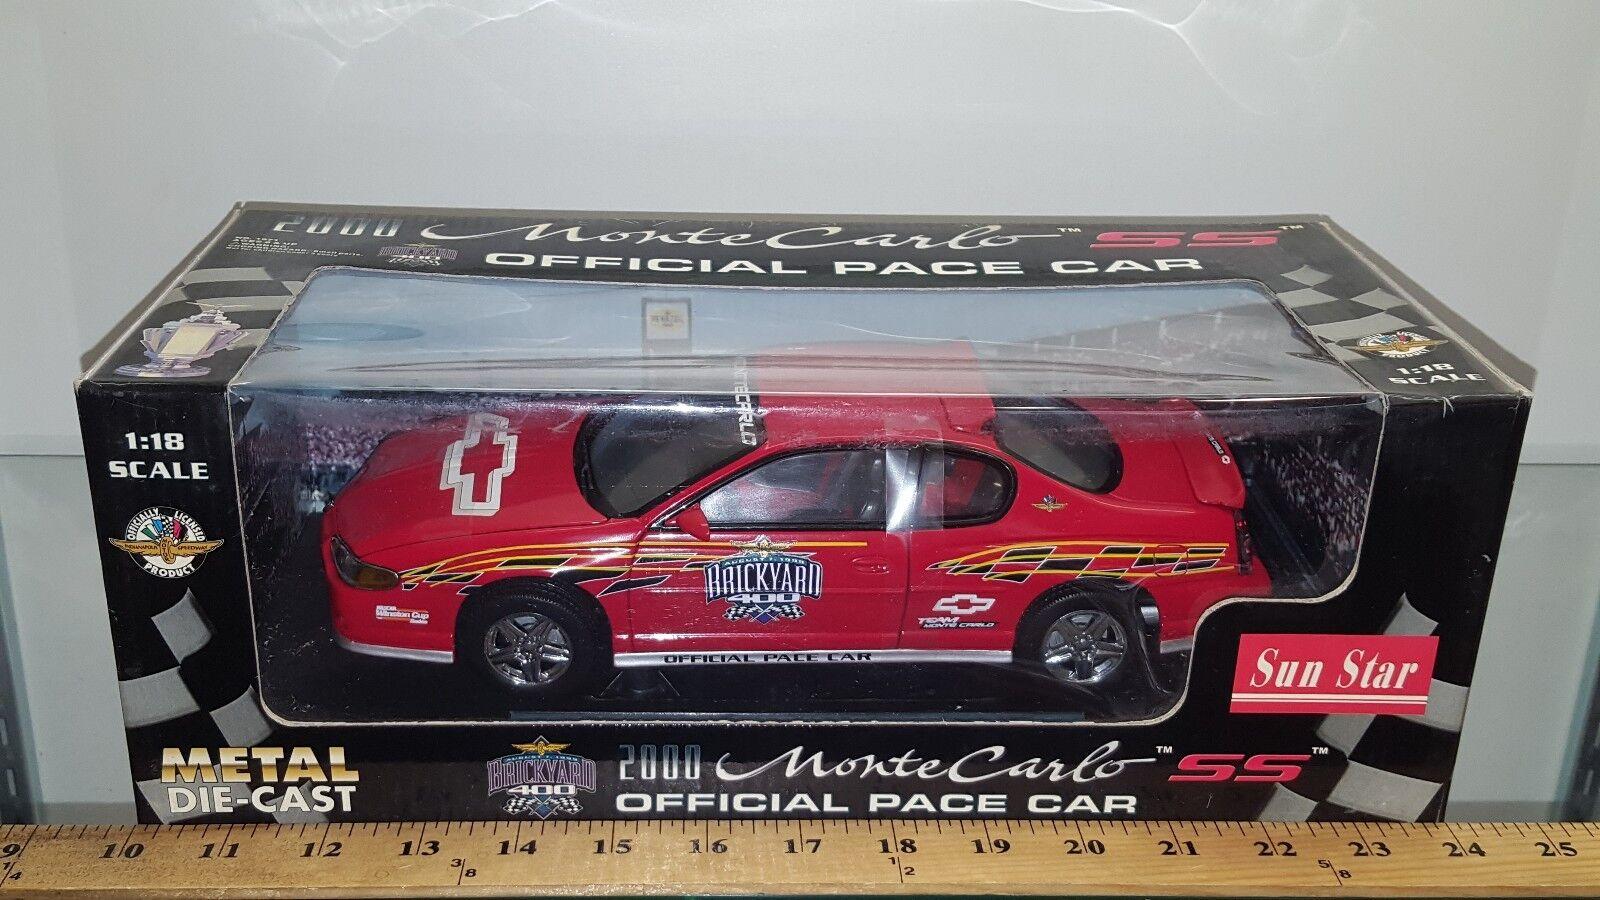 barato 1 18 Sun Estrella Brickyard 400 oficial Pace Pace Pace Coche 2000 Monte Cochelo Ss Rojo rd 3  mejor vendido